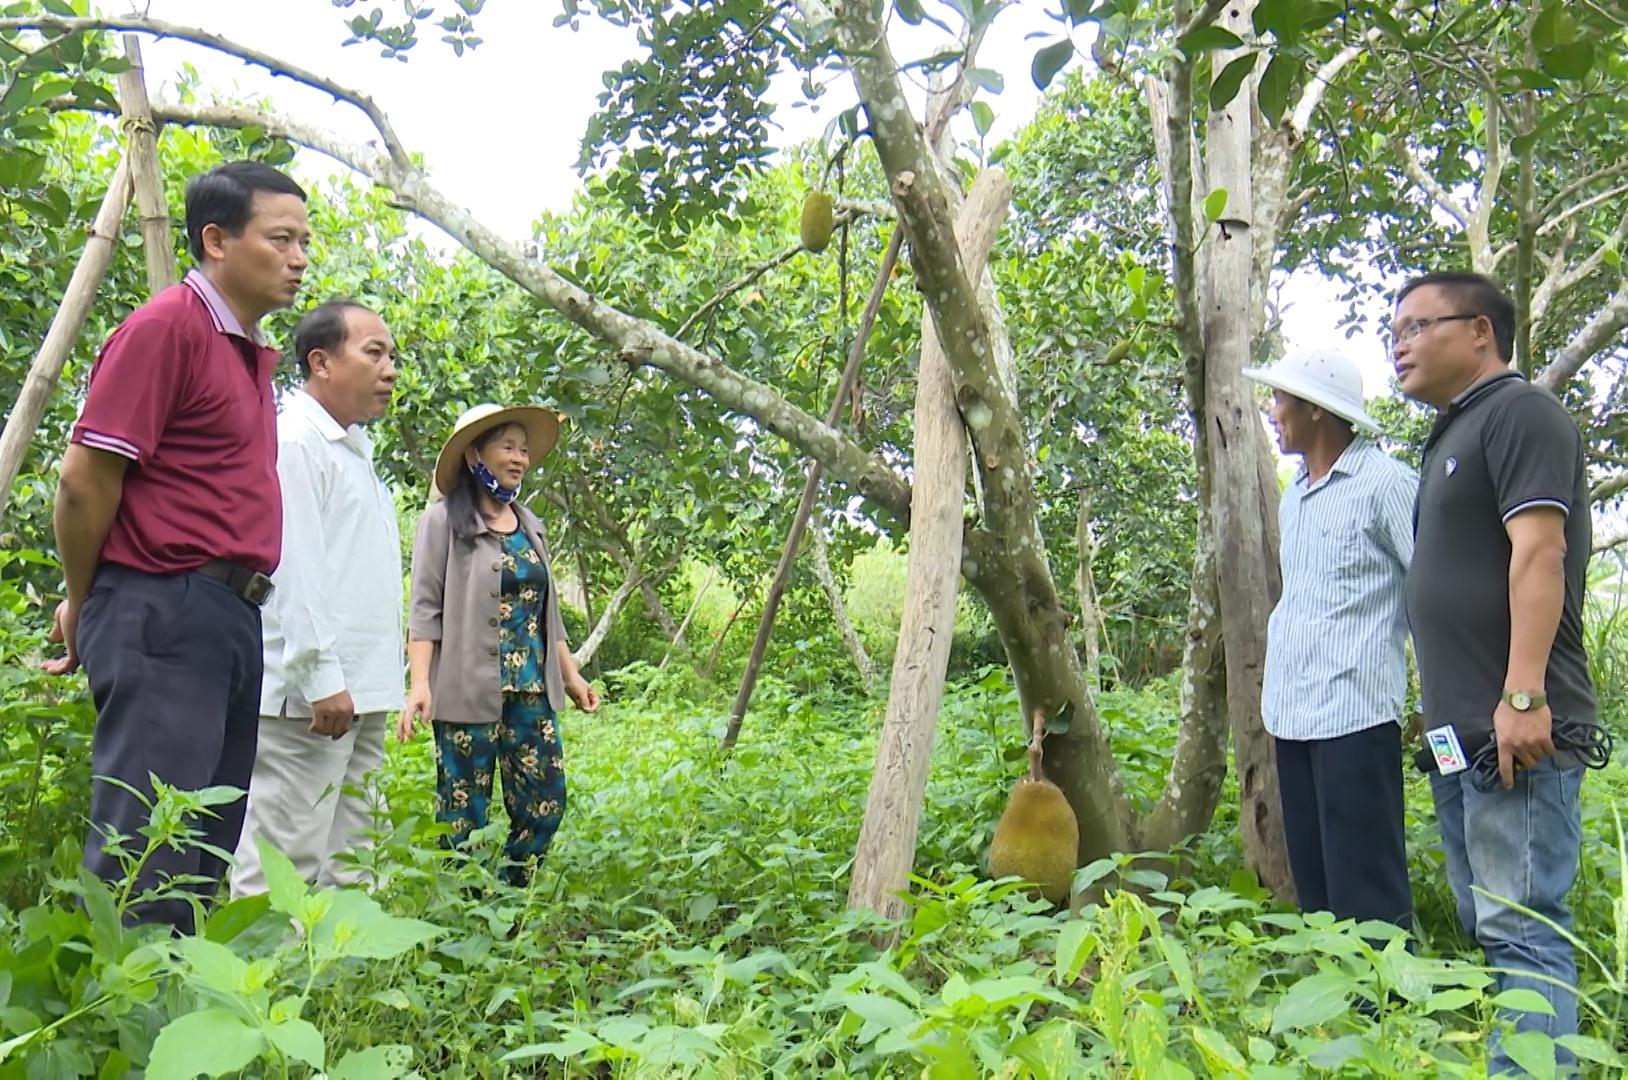 Vườn cây ăn quả của ông Nguyễn Thanh Hạt ở thôn Thái Chấn Sơn (Đại Hưng, Đại Lộc) cho thu nhập hằng năm gần 700 triệu đồng.